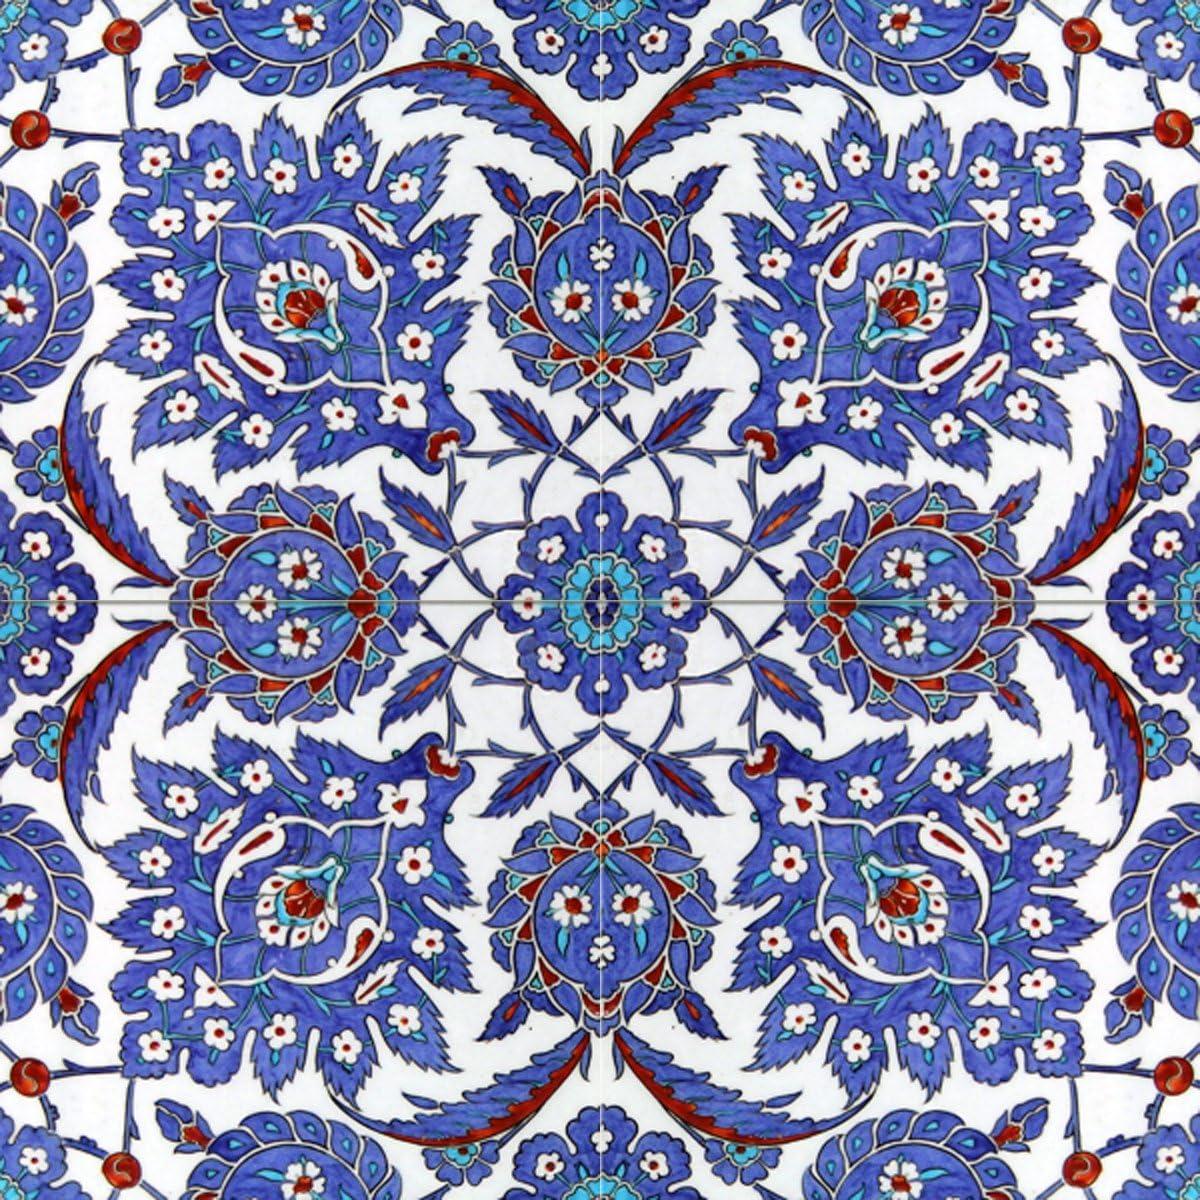 - Turkish Pattern 16th Century Design Tile Mural Kitchen Bathroom